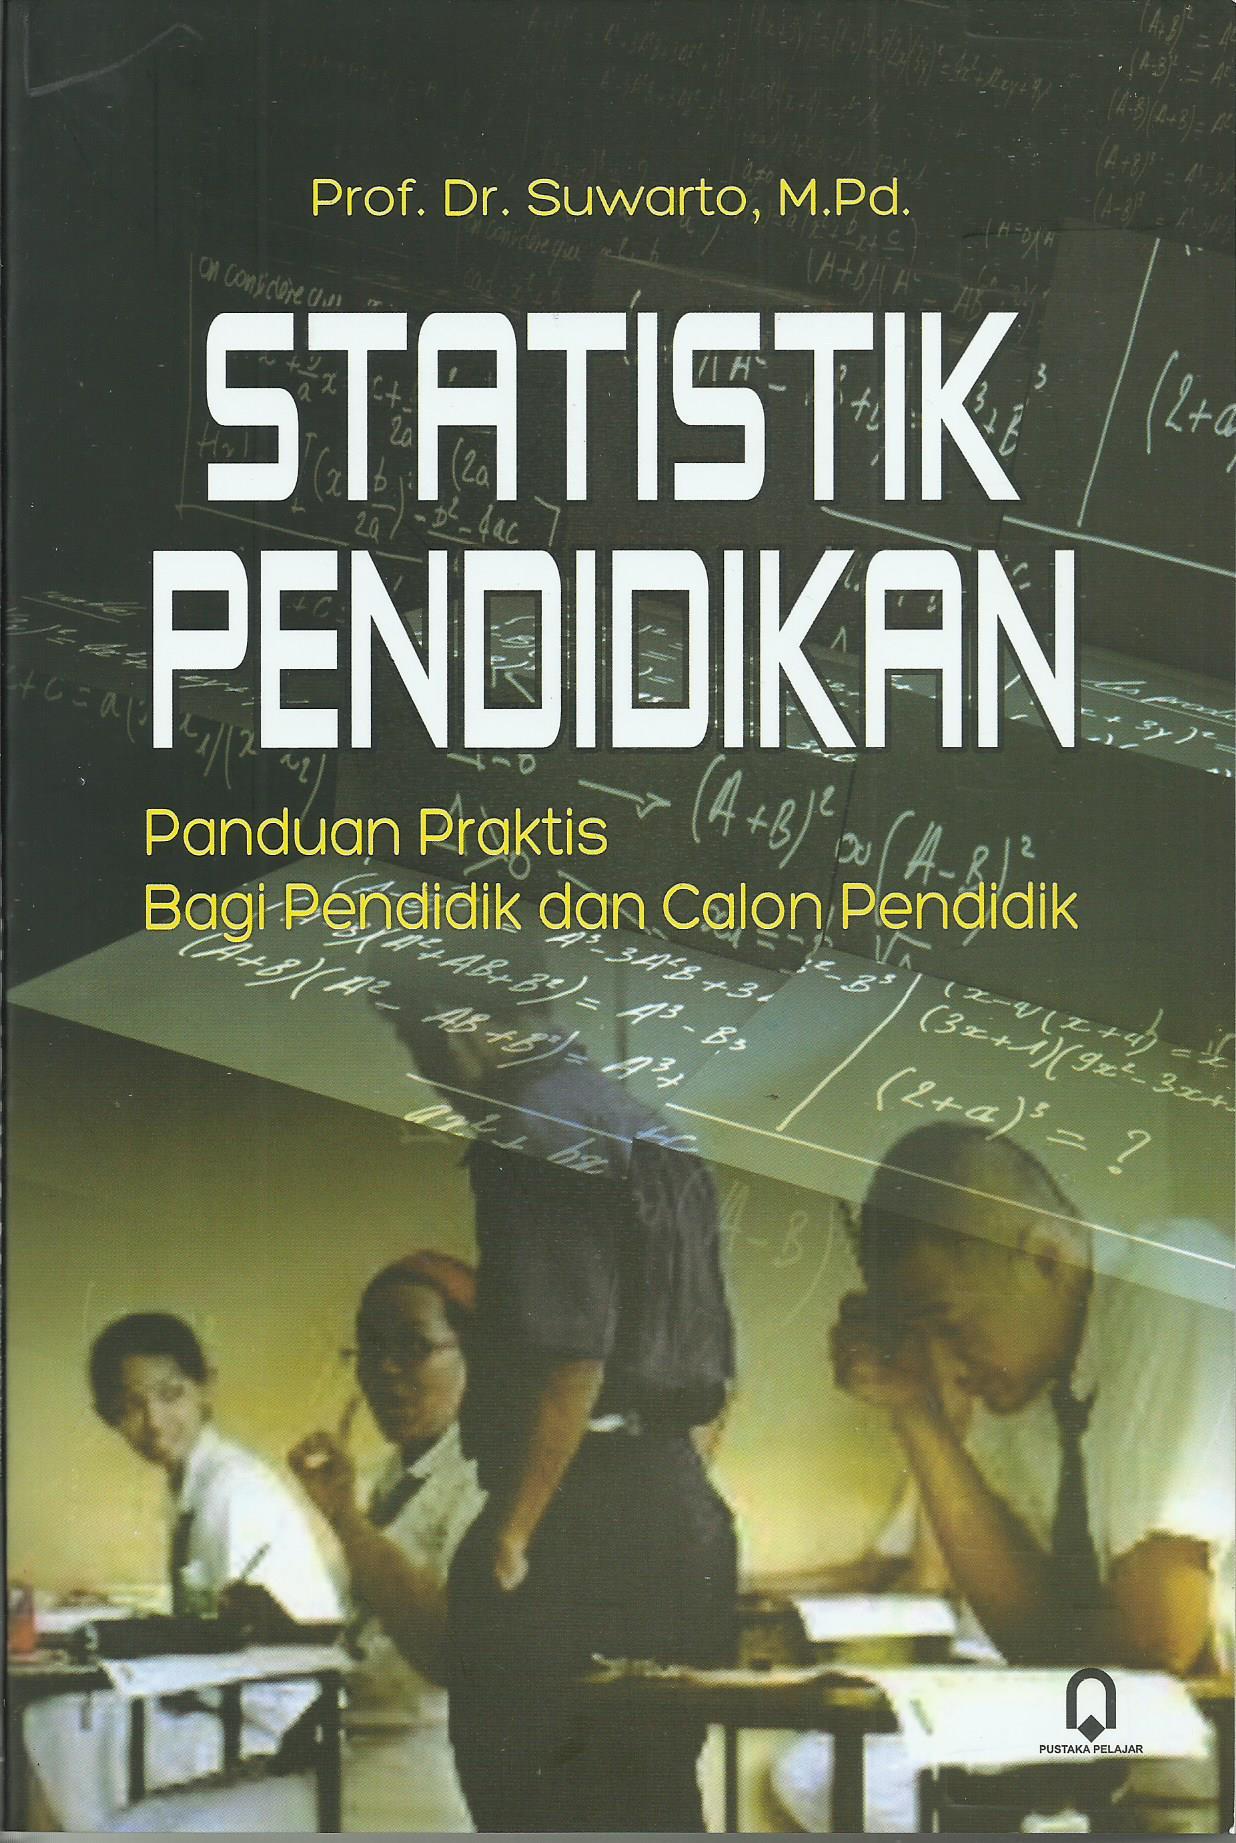 Statistik Pendidikan Panduan Praktis Bagi Pendidik Dan Calon Pendidik